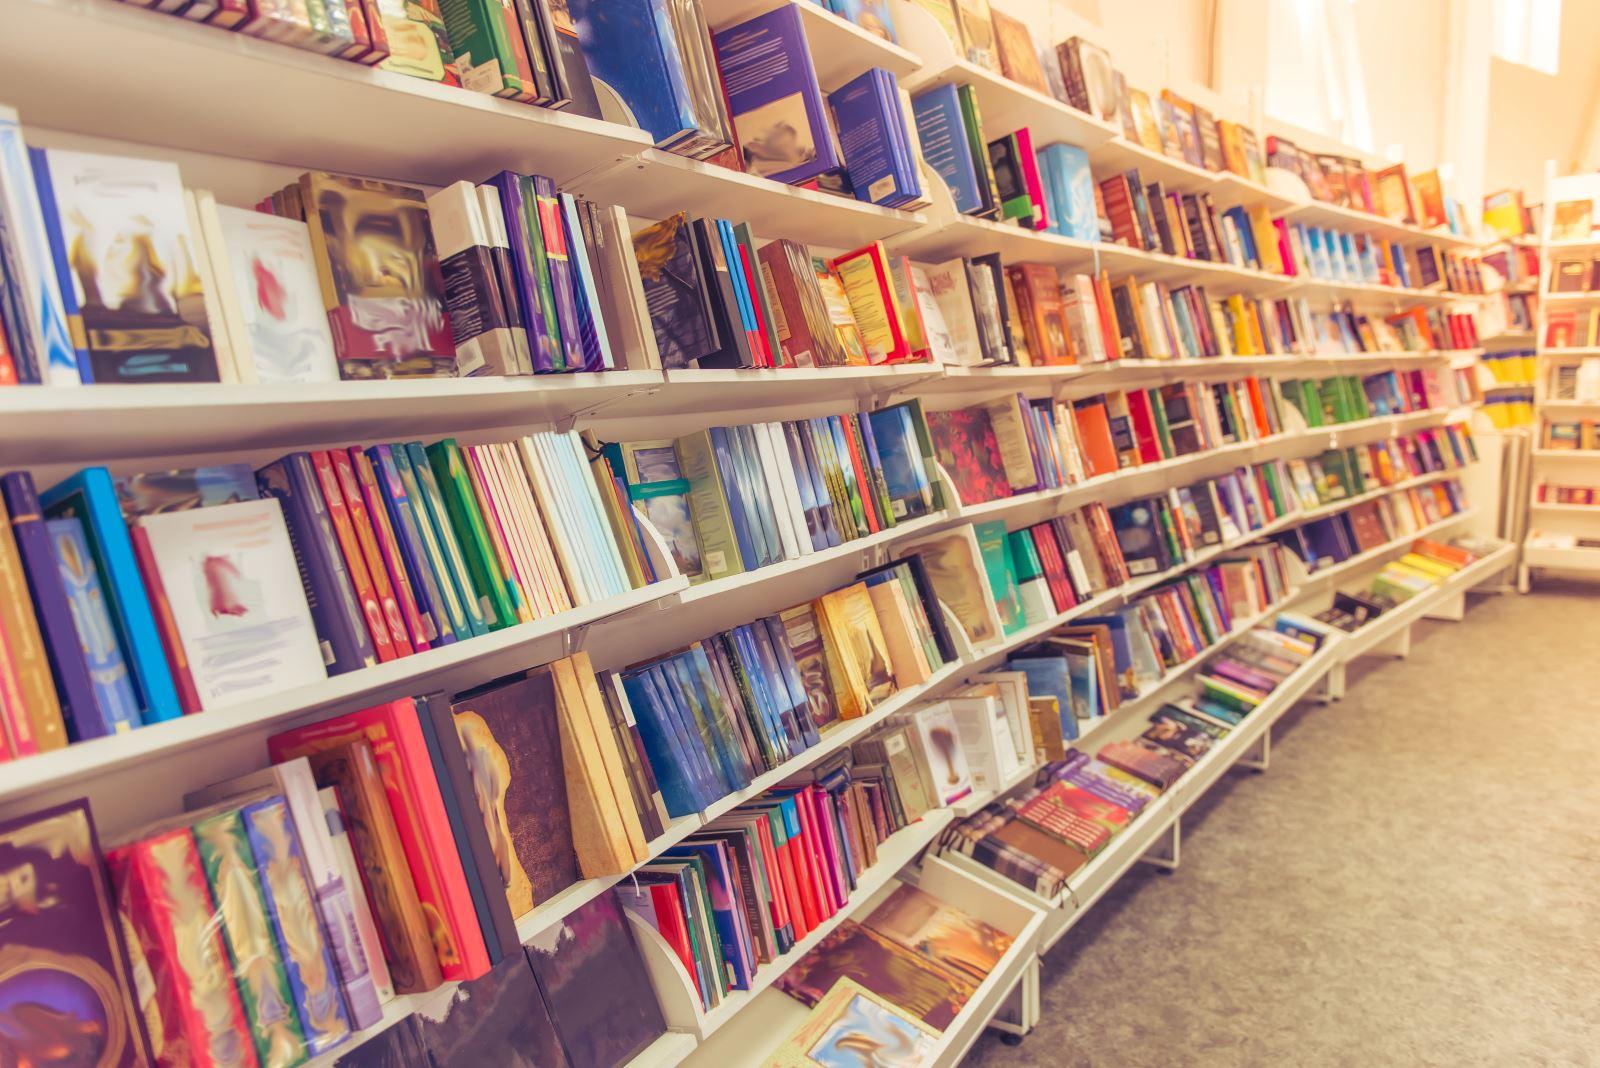 Esposizione di libri in libreria